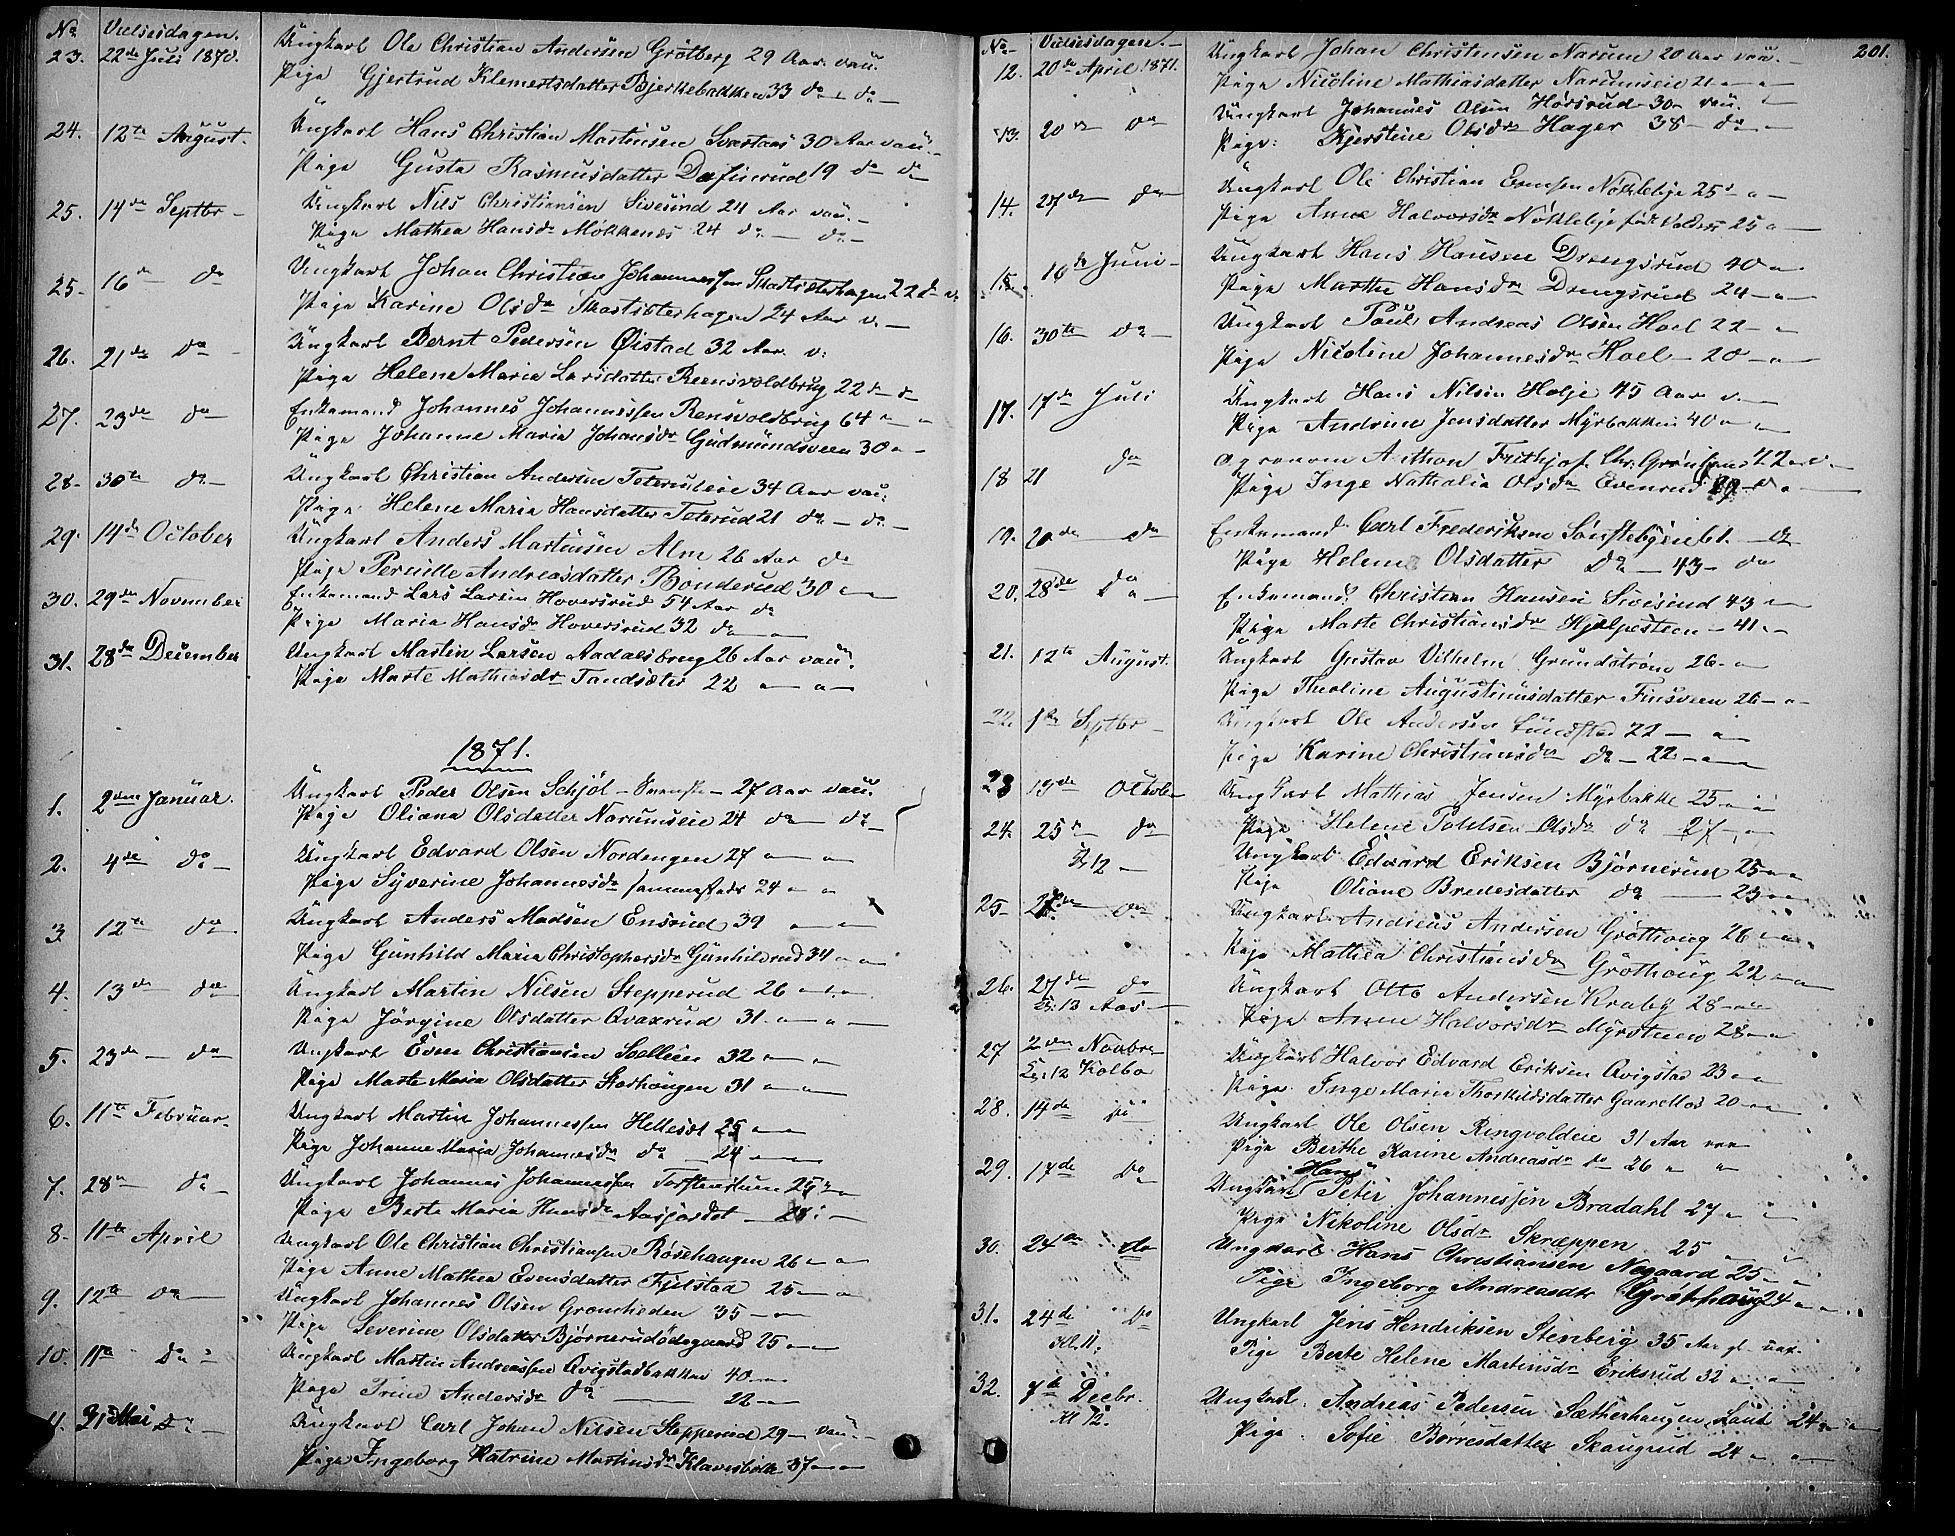 SAH, Vestre Toten prestekontor, Klokkerbok nr. 6, 1870-1887, s. 201